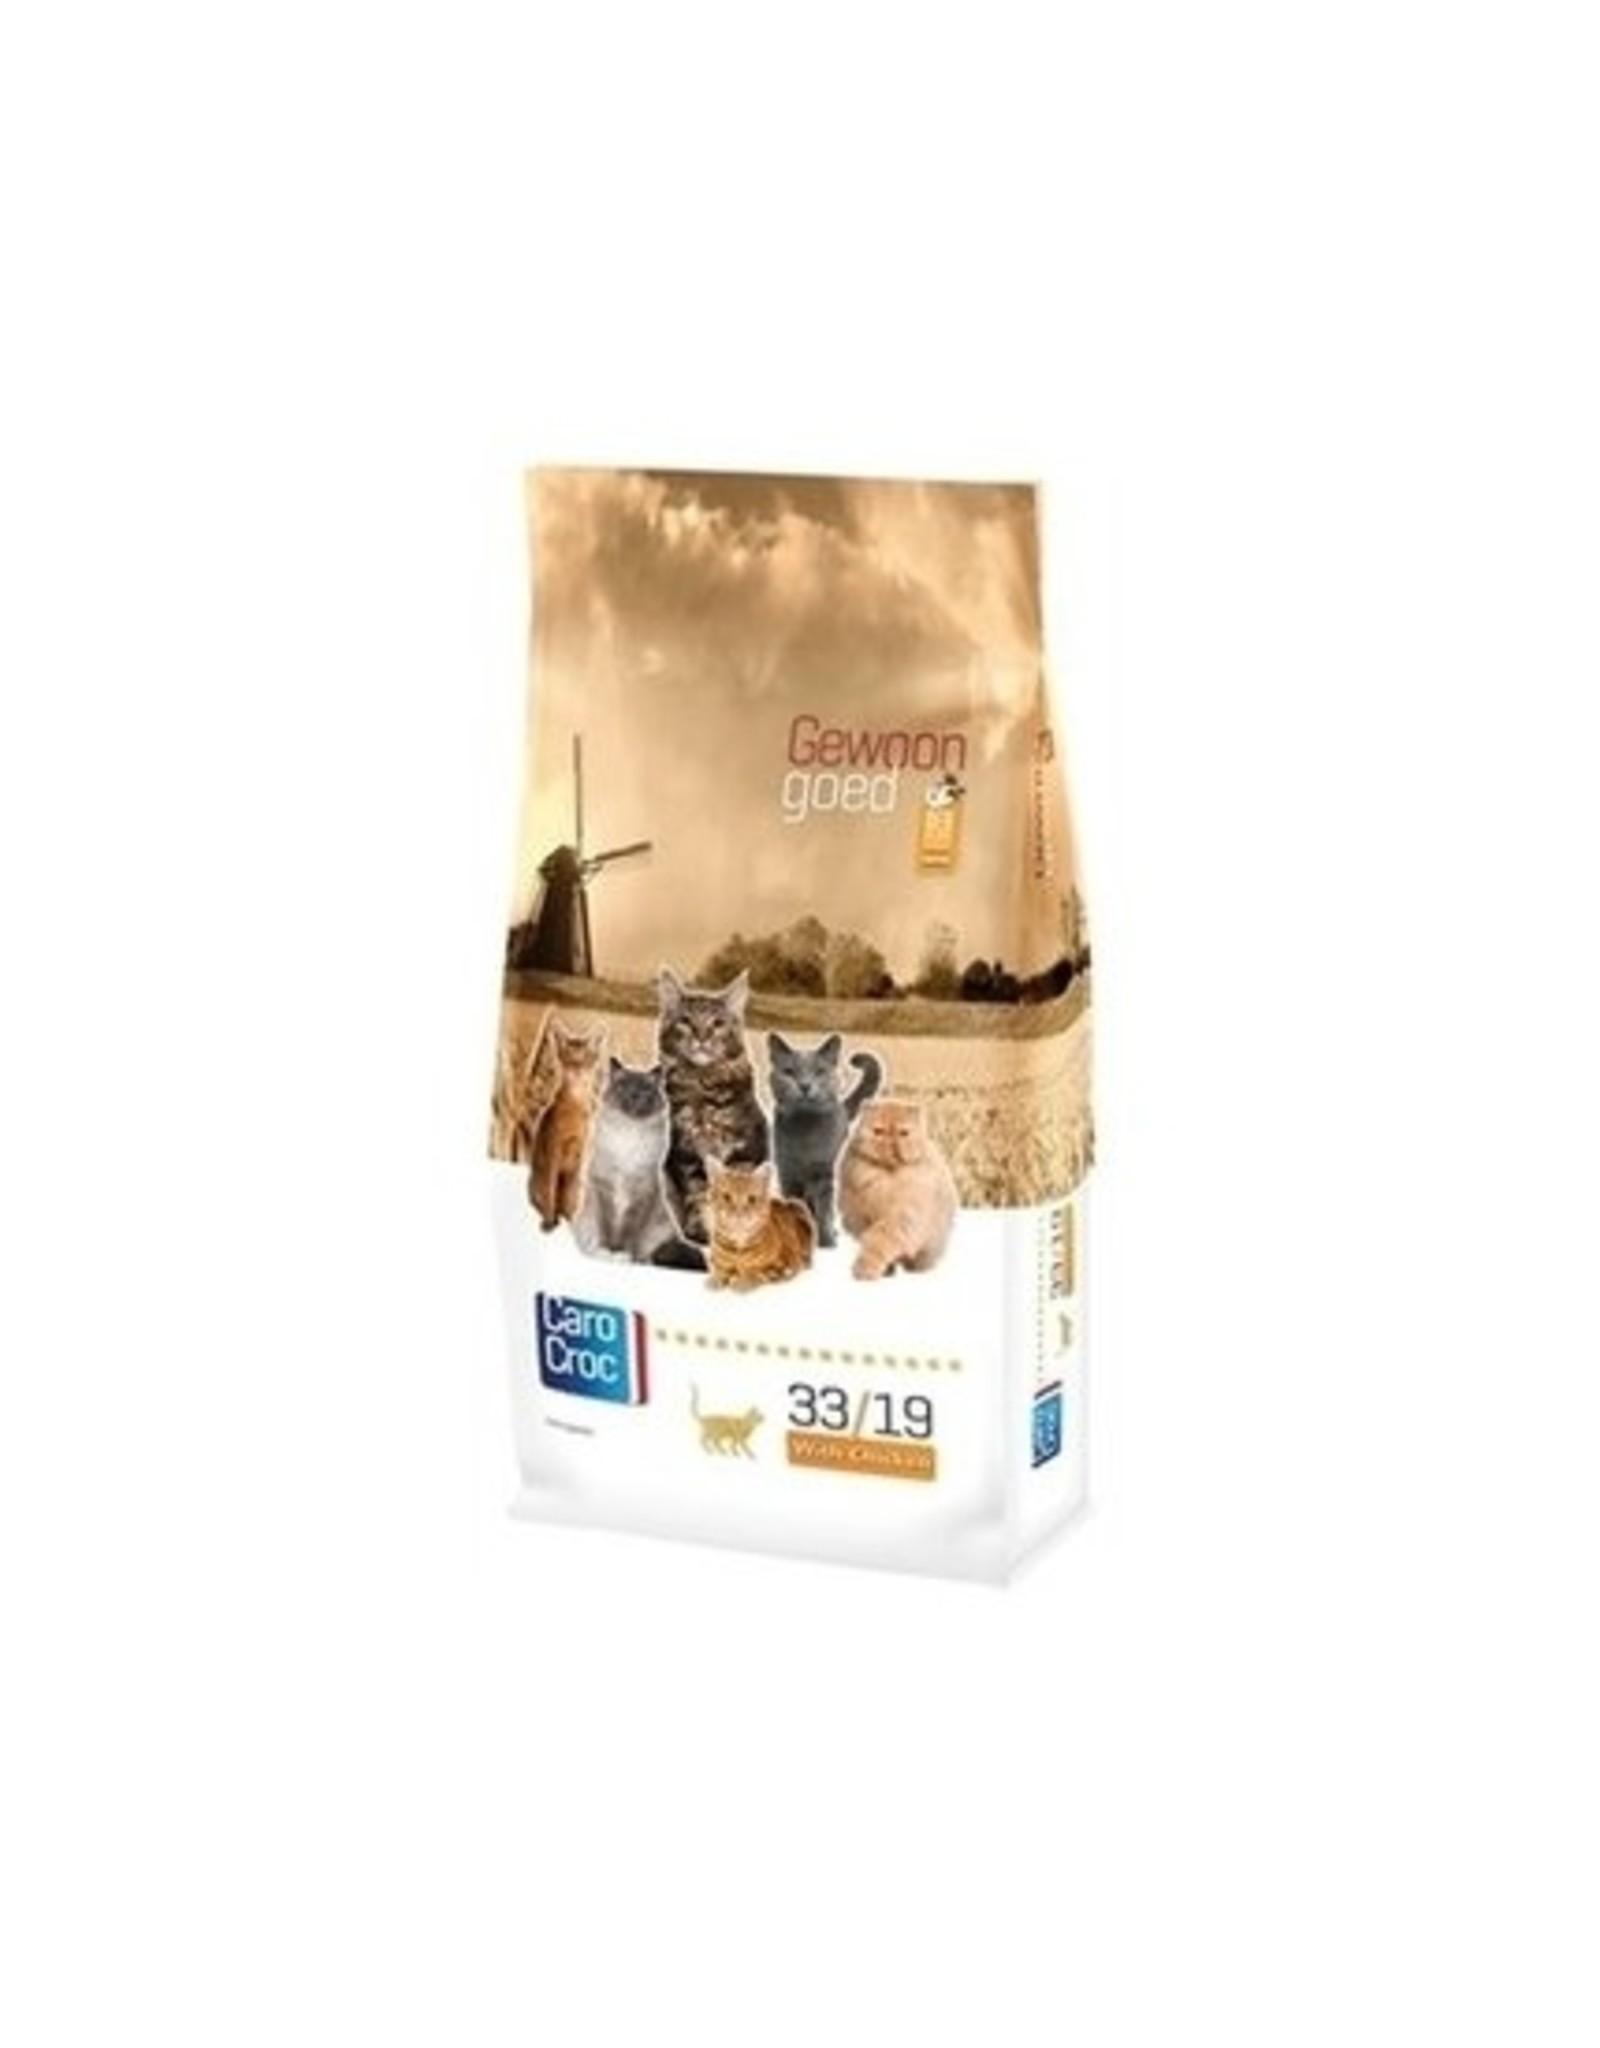 Sanimed Sanimed Carocroc Feline 33/19 Chk Riz 7kg